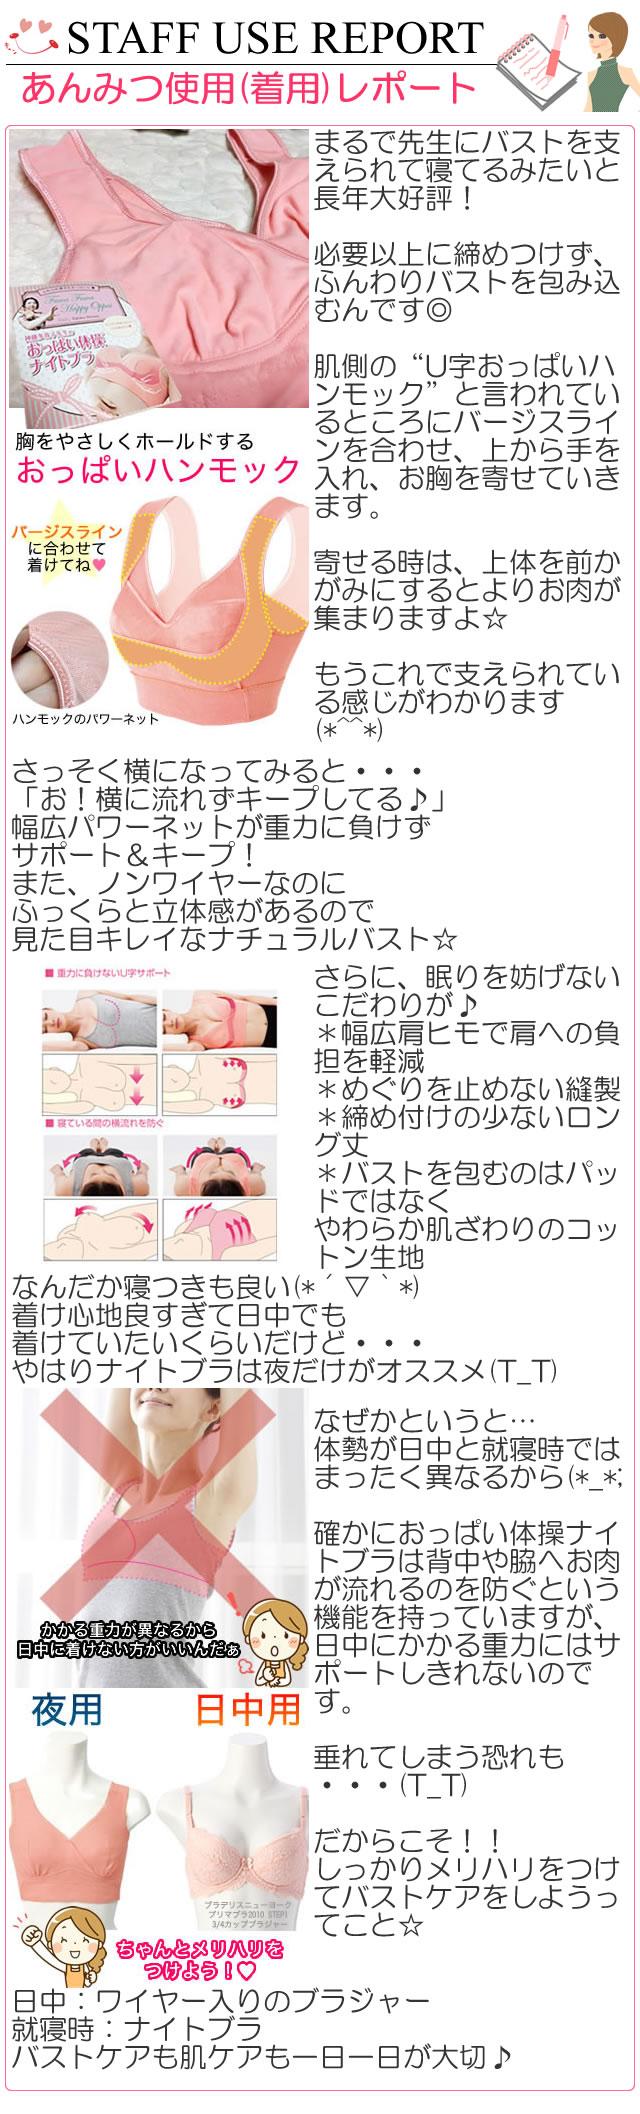 神藤多喜子先生のおっぱい体操ナイトブラの着用レポート